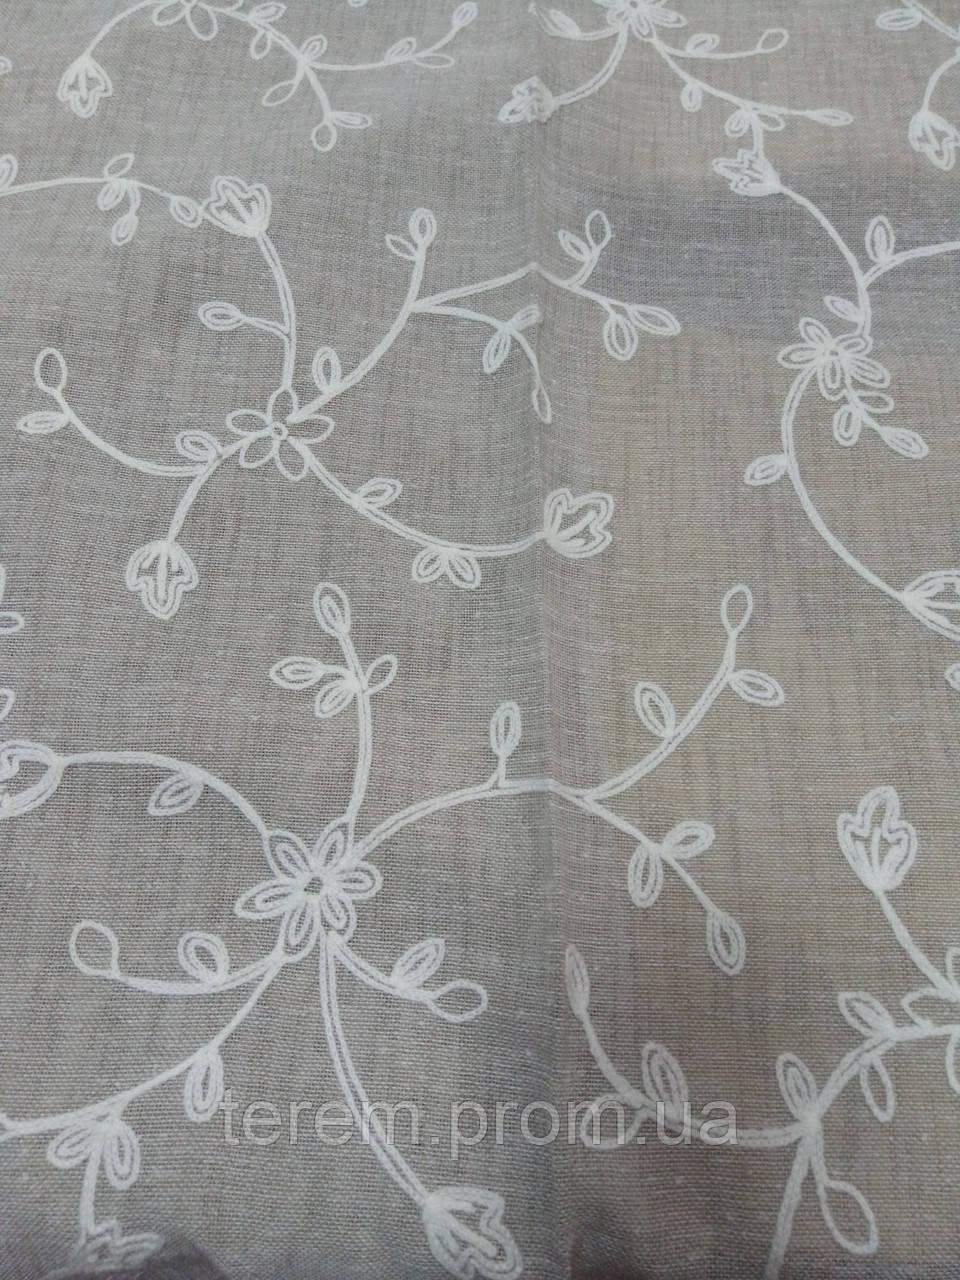 Ткань для штор полупрозрачная с вышивкой, под лен, 290см, Турция